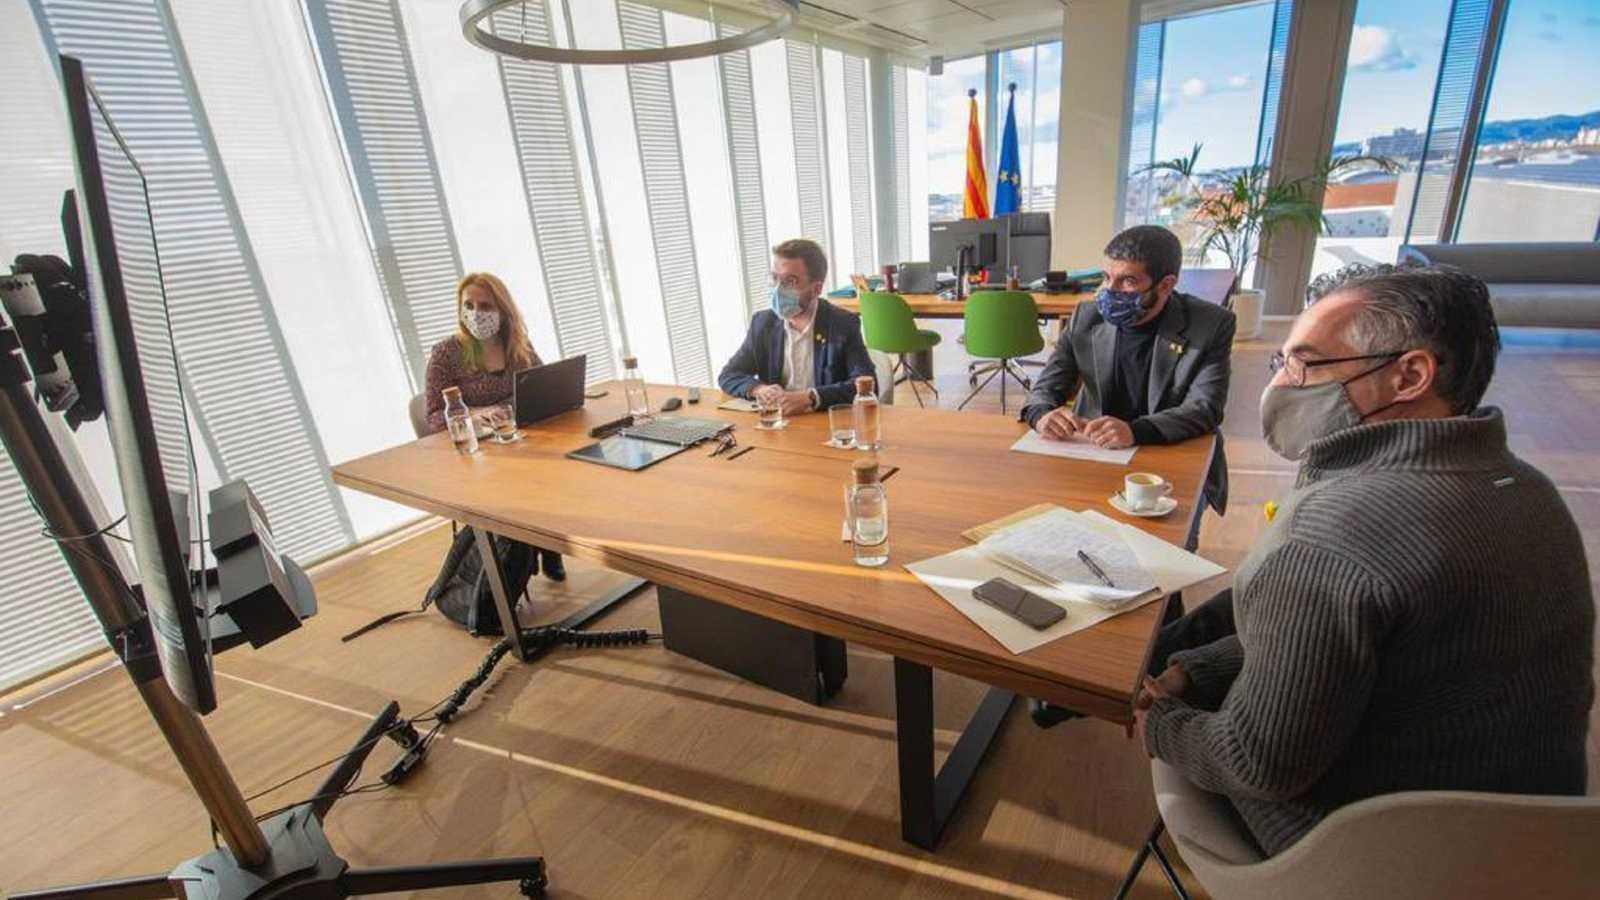 Reunió entre els membres del Govern per decidir els nous ajuts directes per als autònoms, les pimes, els treballadors en ERTO i els sectors més afectats